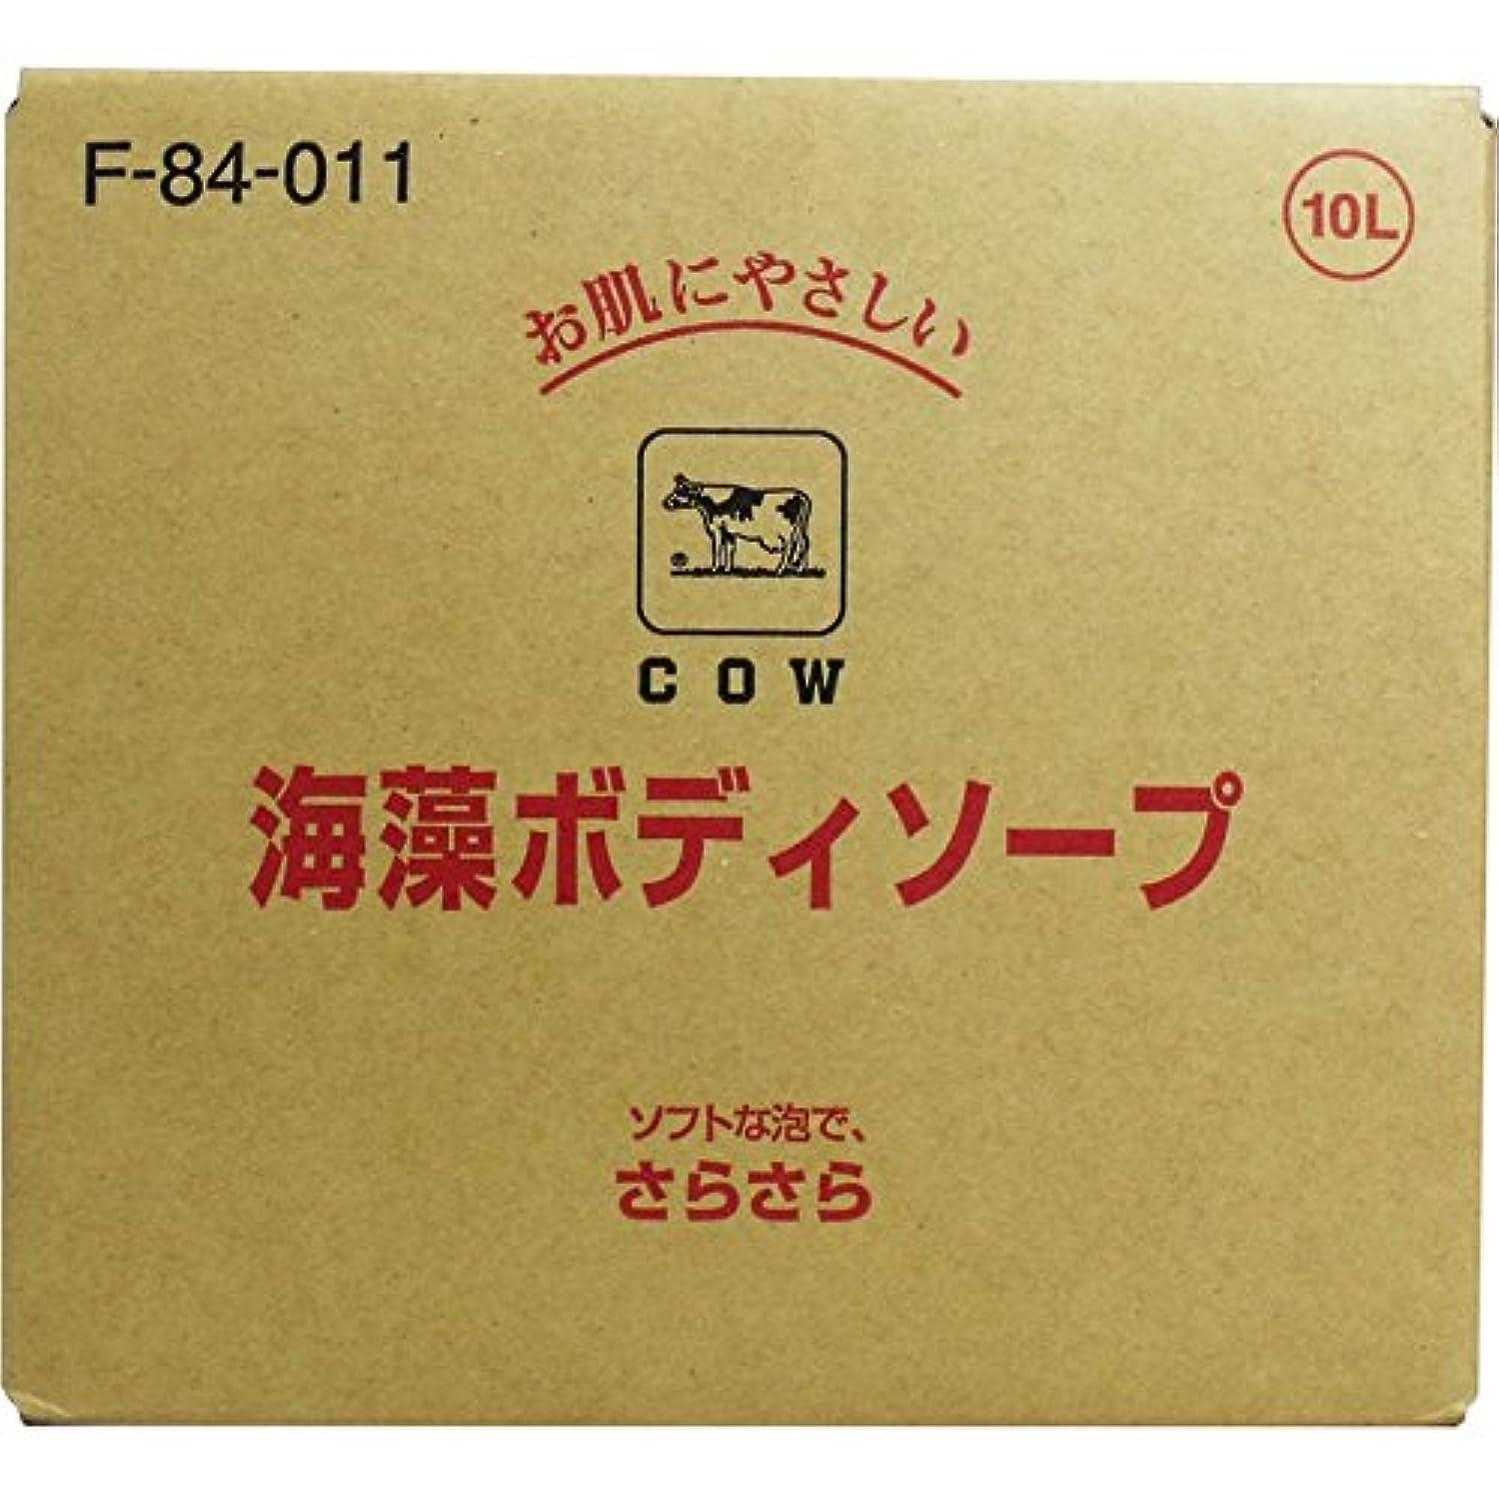 木材ポンド罰するボディ 石けん詰め替え さらさらした洗い心地 便利商品 牛乳ブランド 海藻ボディソープ 業務用 10L